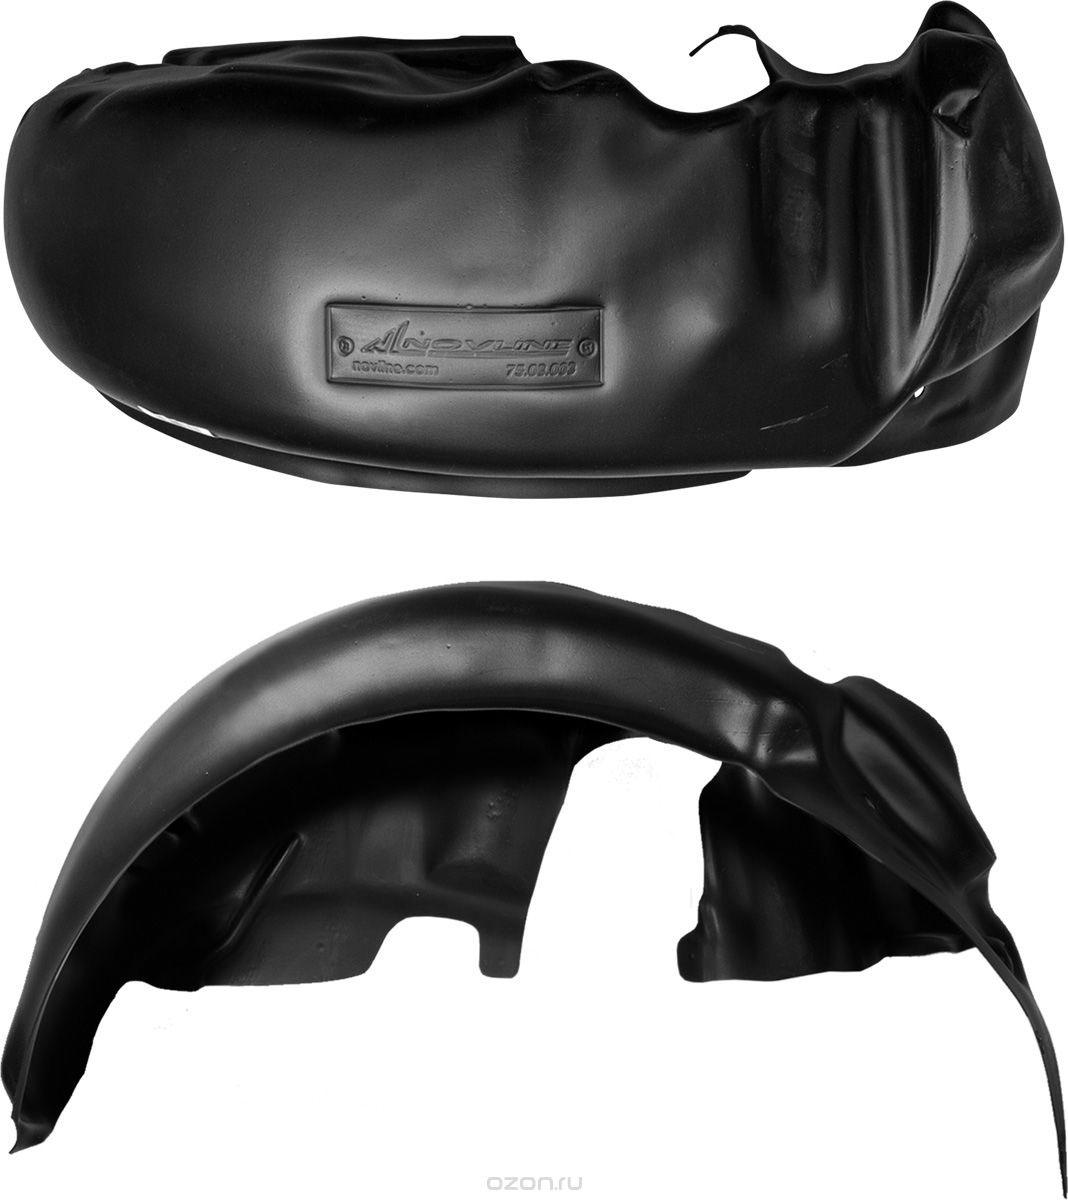 Подкрылок Novline-Autofamily, для TOYOTA Hilux, 09/2015->, пик., задний левыйNLL.48.62.003Идеальная защита колесной ниши. Локеры разработаны с применением цифровых технологий, гарантируют максимальную повторяемость поверхности арки. Изделия устанавливаются без нарушения лакокрасочного покрытия автомобиля, каждый подкрылок комплектуется крепежом. Уважаемые клиенты, обращаем ваше внимание, что фотографии на подкрылки универсальные и не отражают реальную форму изделия. При этом само изделие идет точно под размер указанного автомобиля.